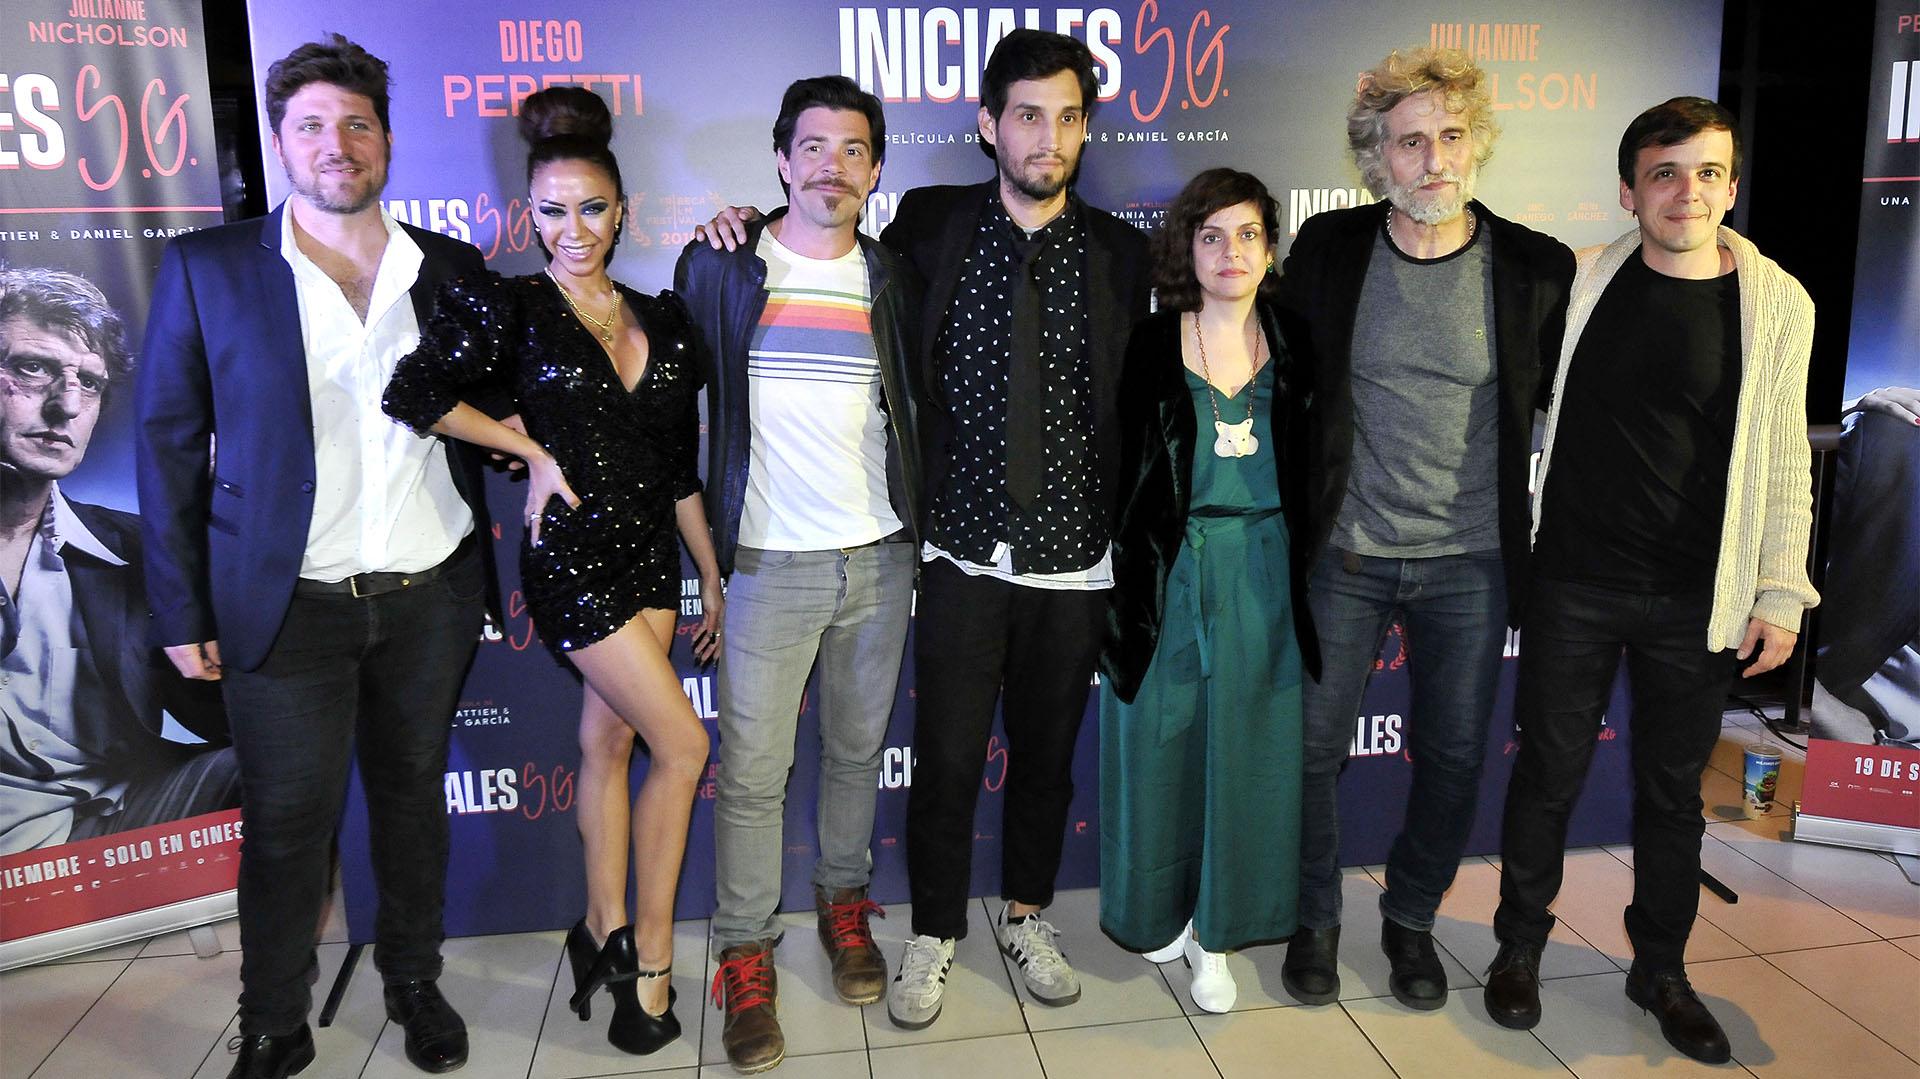 """El elenco de """"Iniciales S.G"""" (Fotos: Darío Batallan / Teleshow)"""